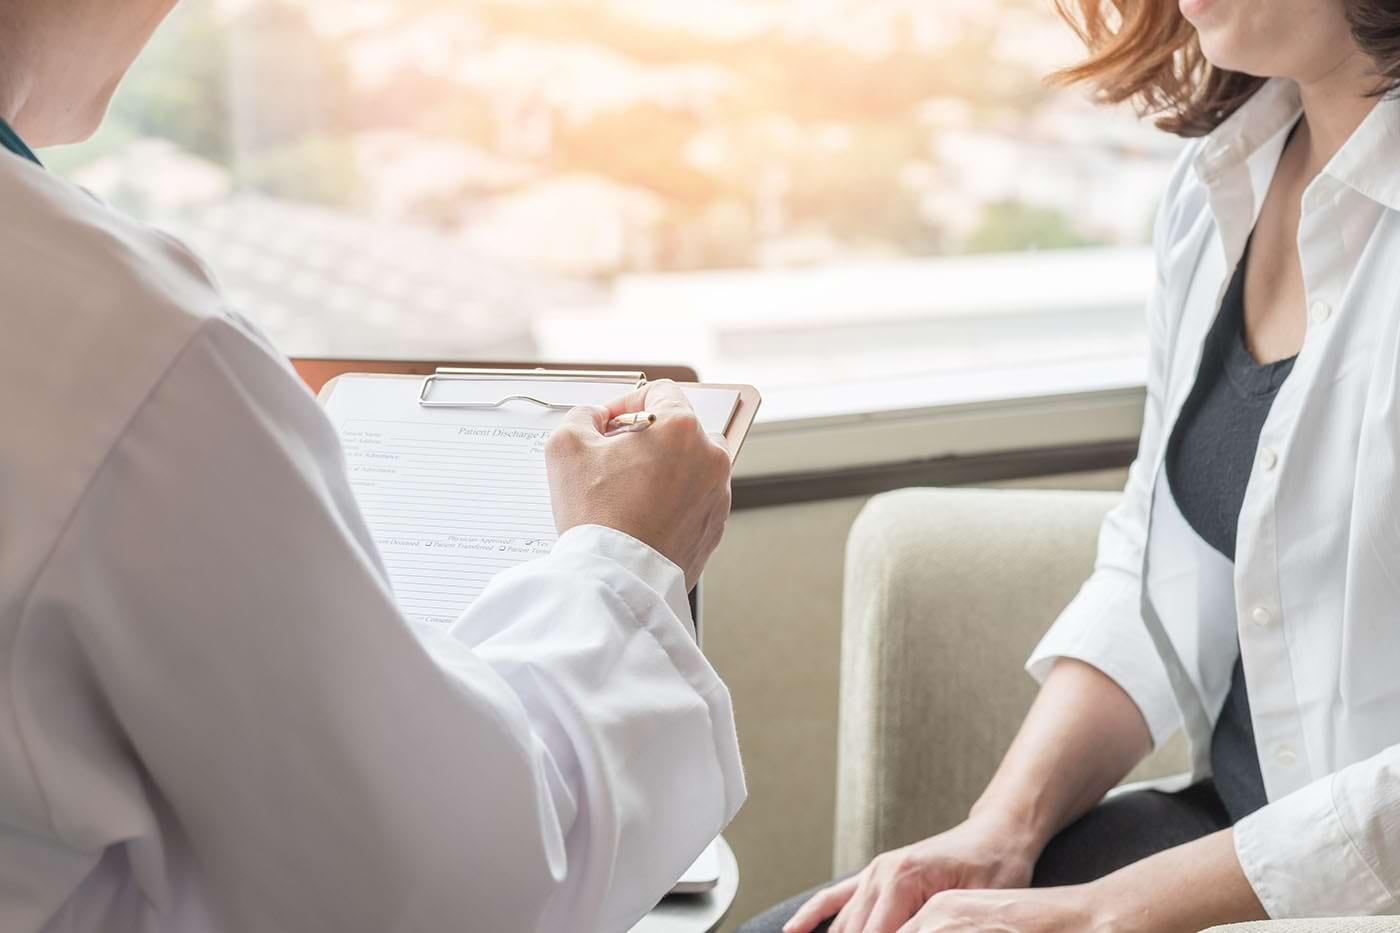 Sindromul genito-urinar de menopauză: cauze, simptome, tratament